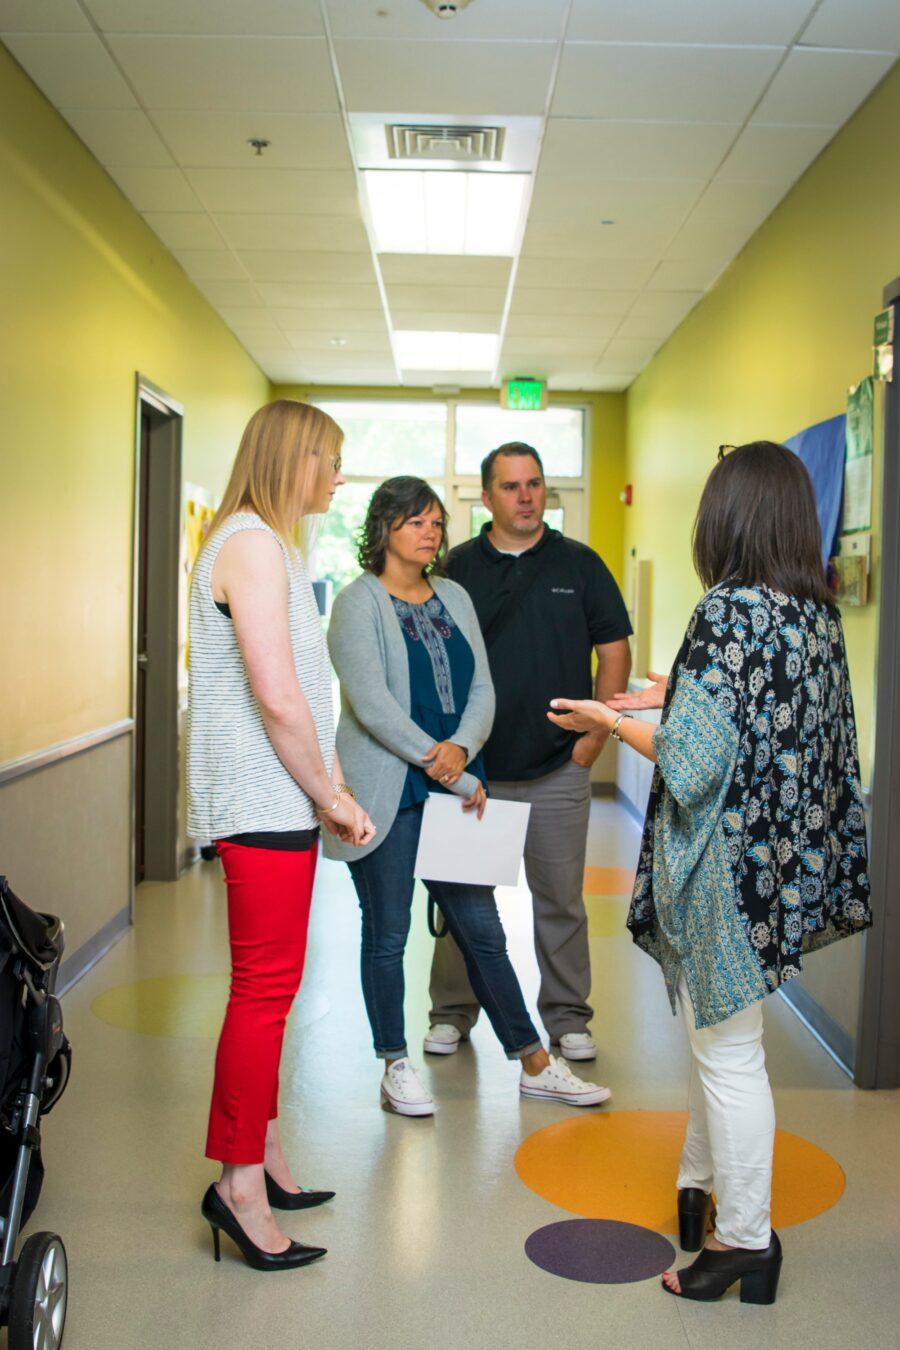 visit to Pediatrics Plus